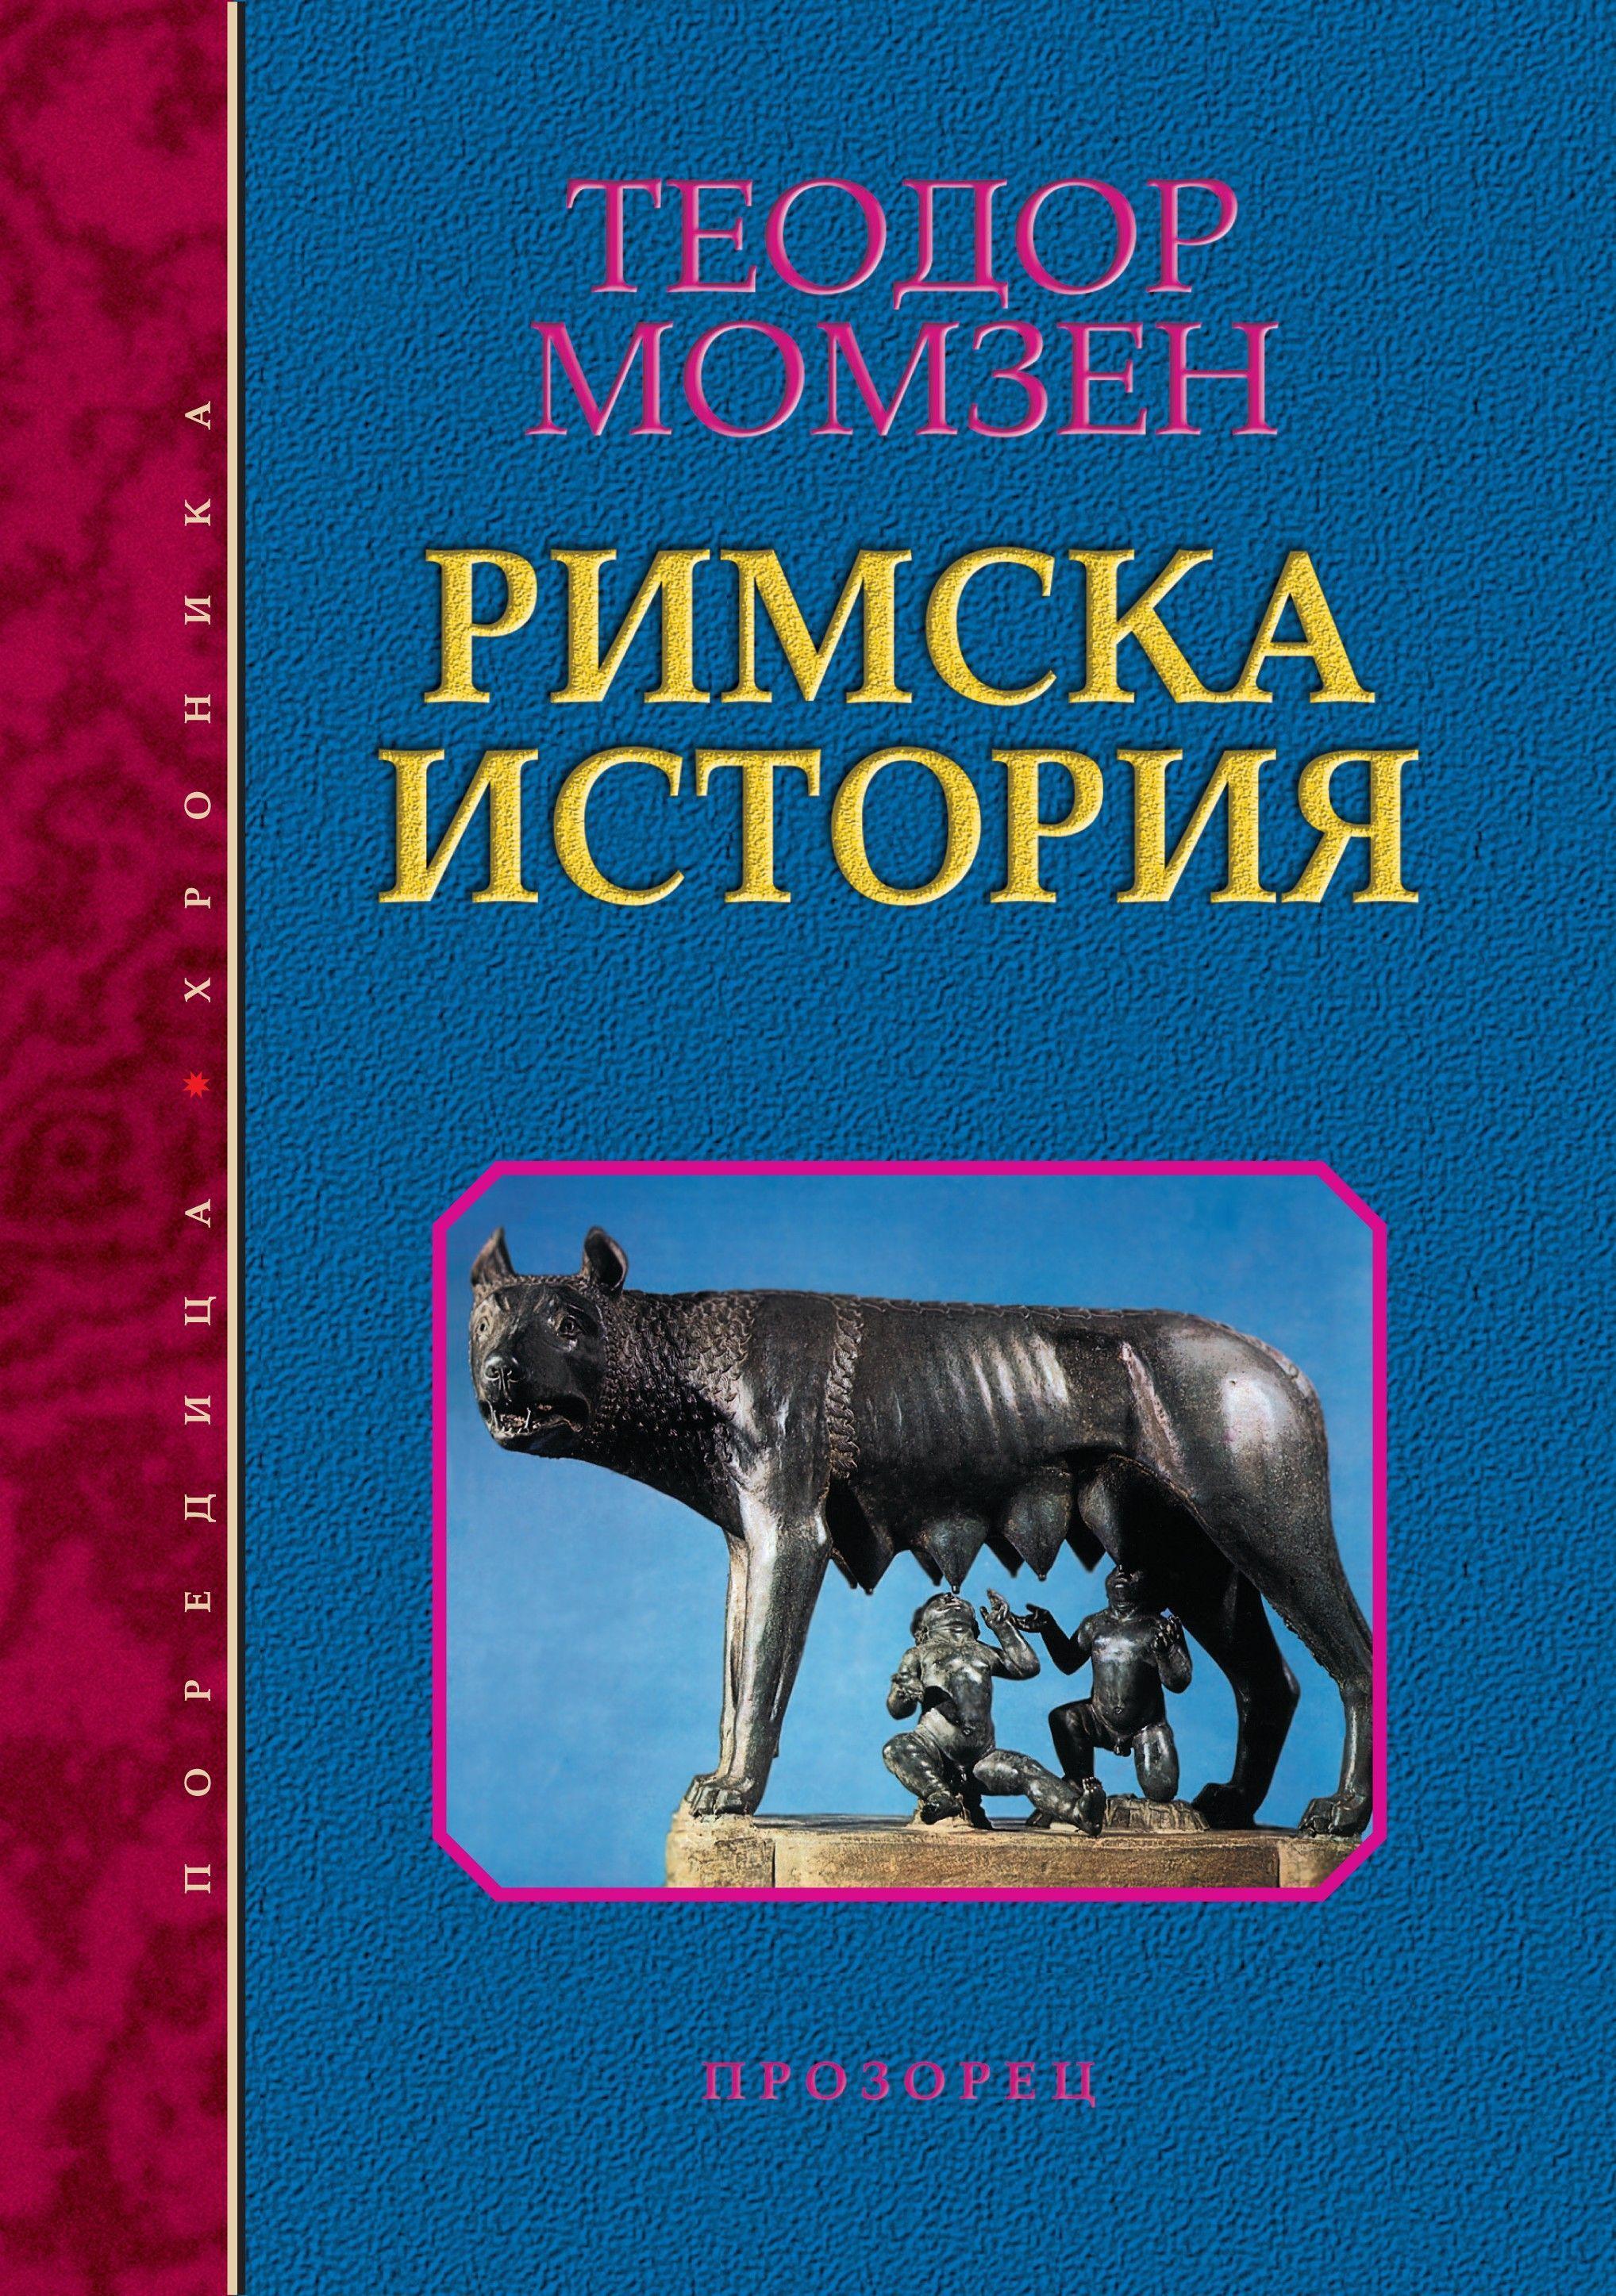 Римска история (твърди корици) - 1